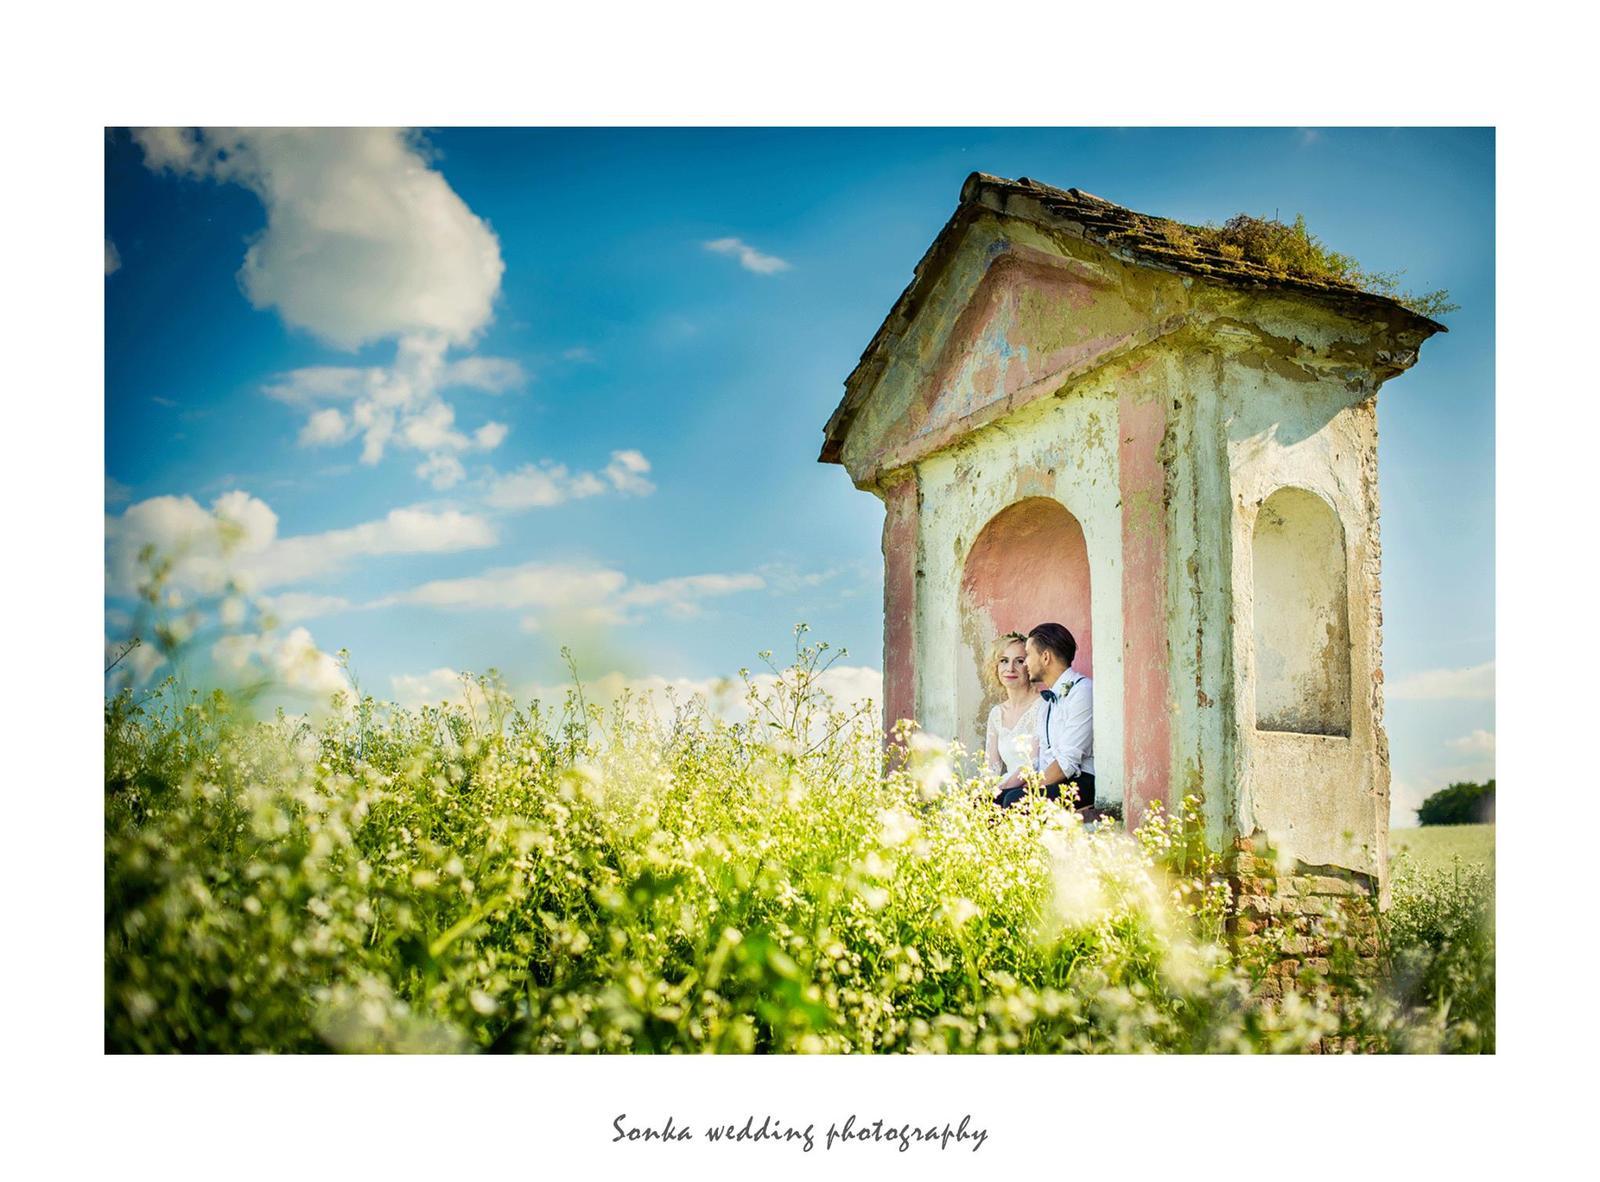 Wedding photography - Obrázek č. 12